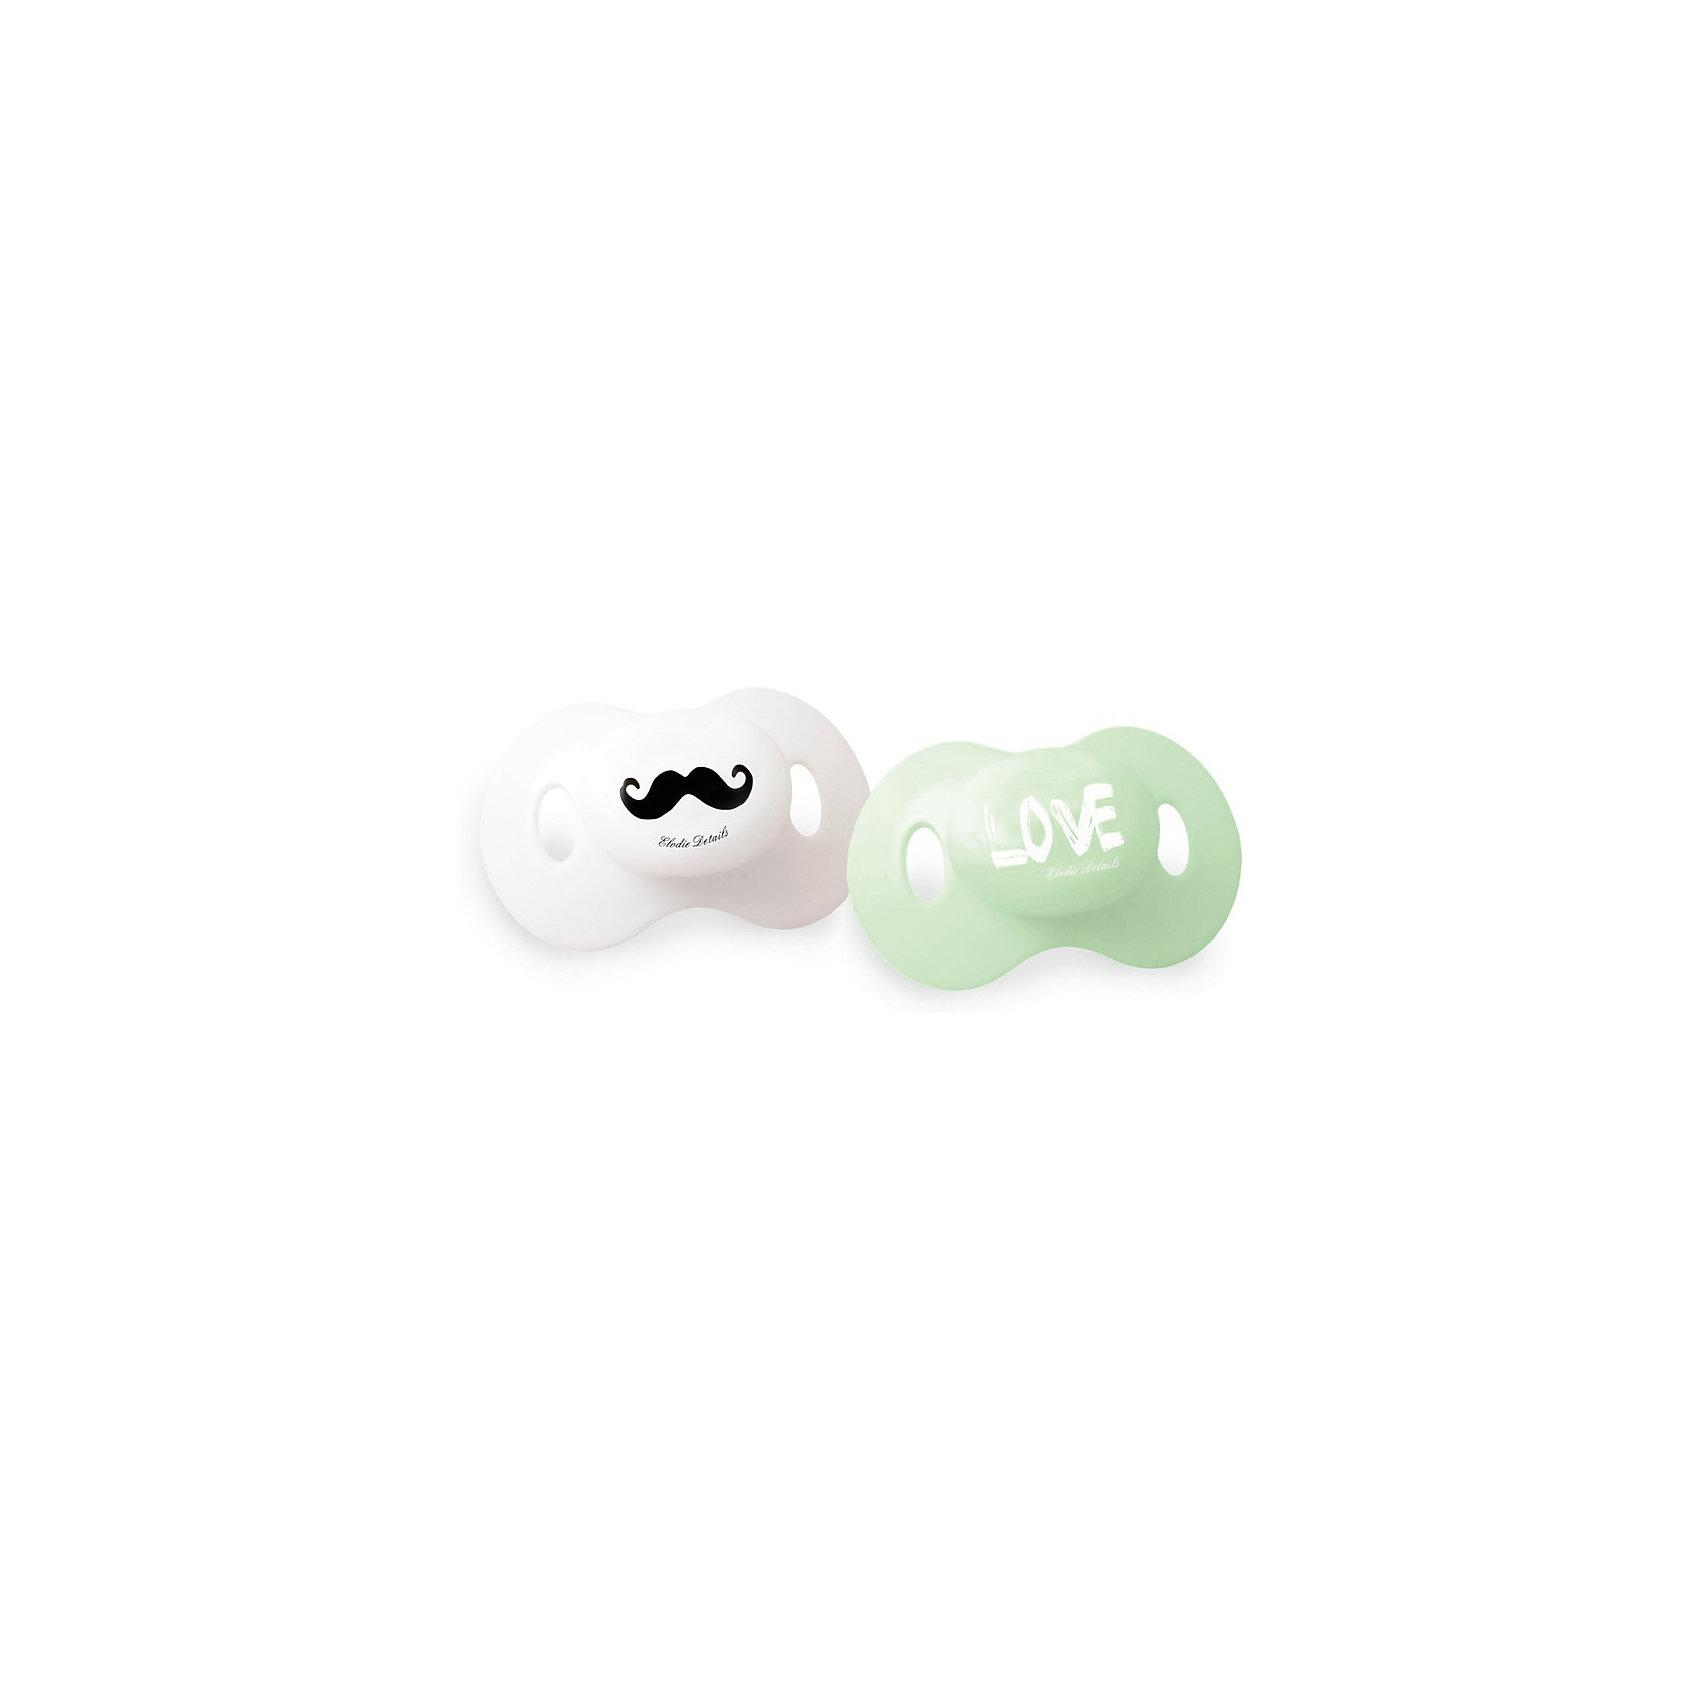 Силиконовая пустышка Mustache LOVE, с 3 мес., 2шт, белый/зеленыйПустышка Mustache LOVE ( 2 шт. в уп.) 103066 – забавный подарок для маленького мужчины!<br>В комплект входят две соски с веселым и в тоже время современным дизайном. Одна из пустышек – с популярными и модными усами, которые развеселят любого, кто их увидит. Но самое главное, что соски из проверенного материала, что делает их не только красивыми, но и безопасными.<br><br>Дополнительная информация:<br><br>- 2 штуки в упаковке<br>- Вес и размер: 25гр, 155Х80Х50<br>- Материал: тритан (соответствует европейскому стандарту)<br>- Не содержит бисфенол А<br>- Ортодонтальная форма<br><br>Пустышку Mustache LOVE ( 2 шт. в уп.) 103066 можно купить в нашем интернет-магазине.<br><br>Ширина мм: 155<br>Глубина мм: 80<br>Высота мм: 50<br>Вес г: 25<br>Возраст от месяцев: 3<br>Возраст до месяцев: 18<br>Пол: Мужской<br>Возраст: Детский<br>SKU: 4887728